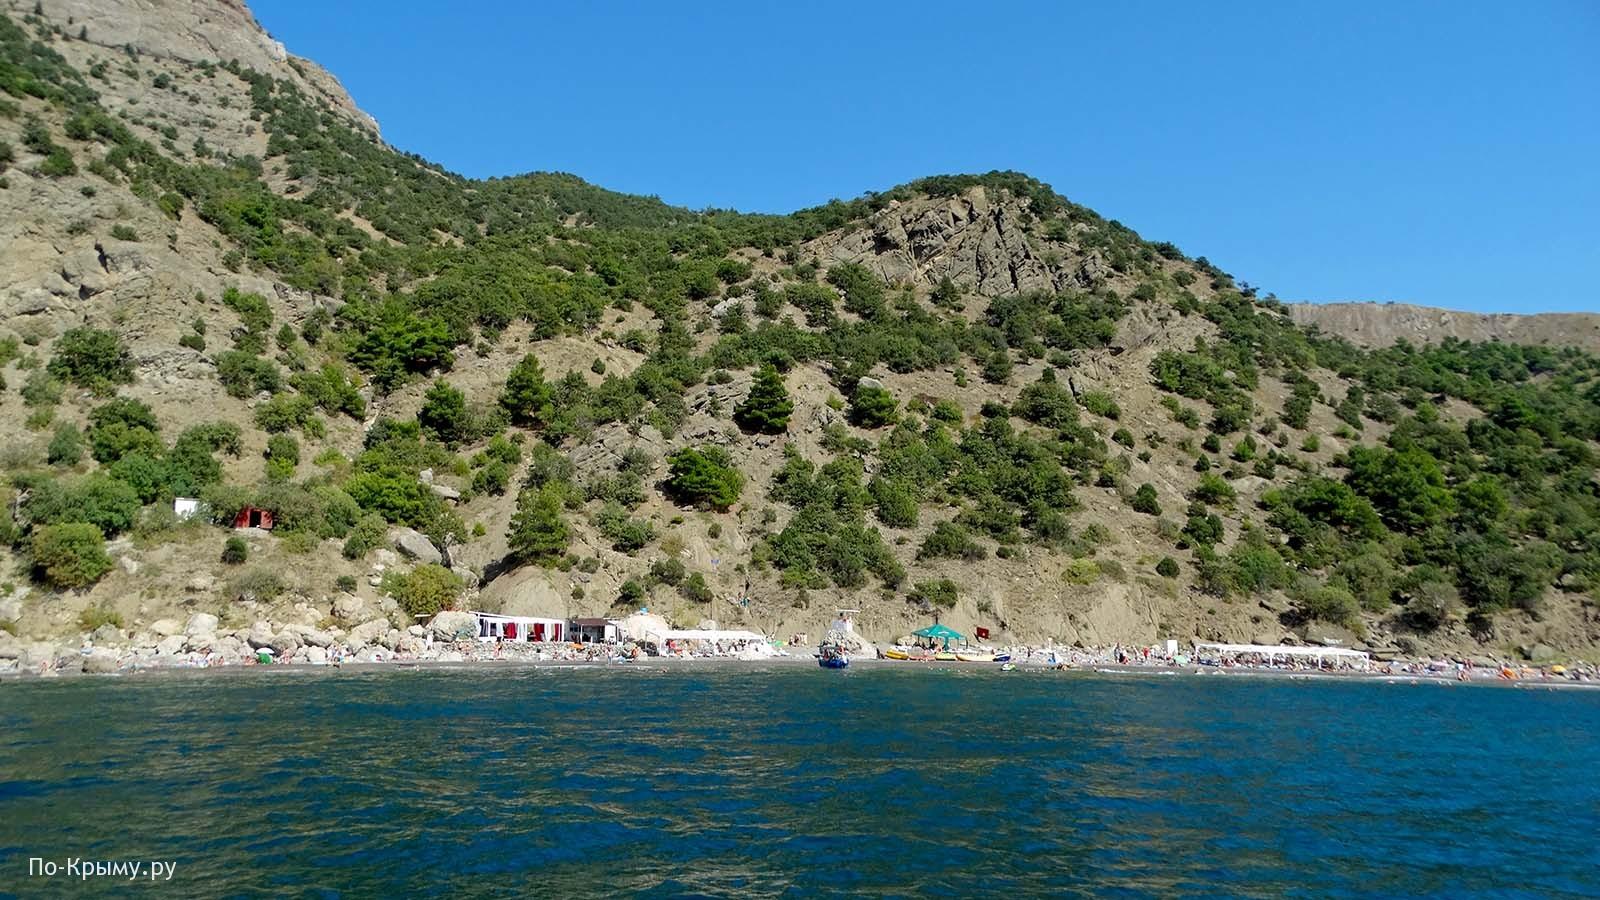 Серебряный пляж, Крым, Балаклава